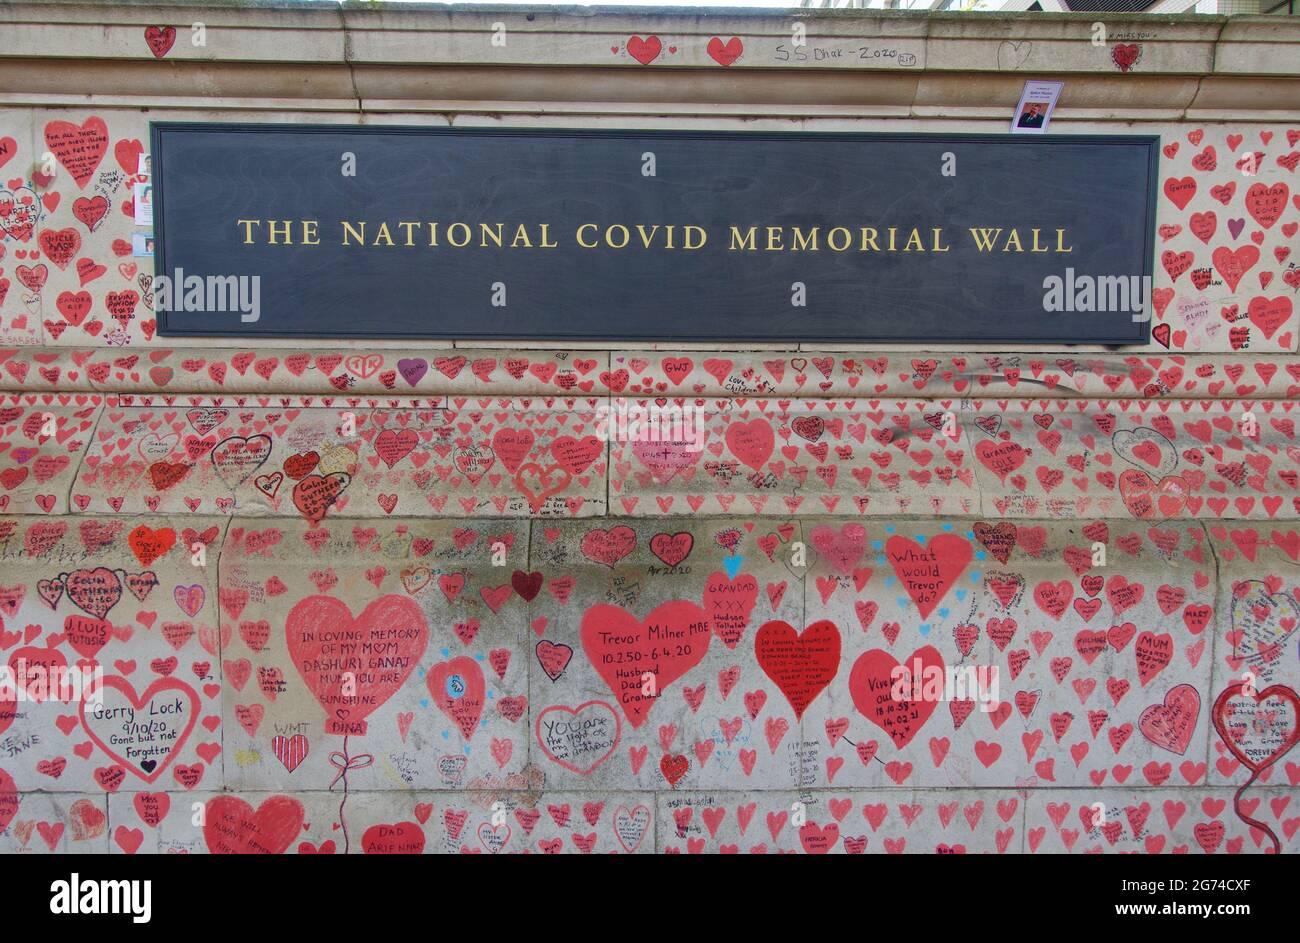 Londres, Angleterre, Royaume-Uni 24.06.2021_le mur commémoratif national du Covid à southbank, Lambeth en mémoire des victimes du Covid-19 Banque D'Images